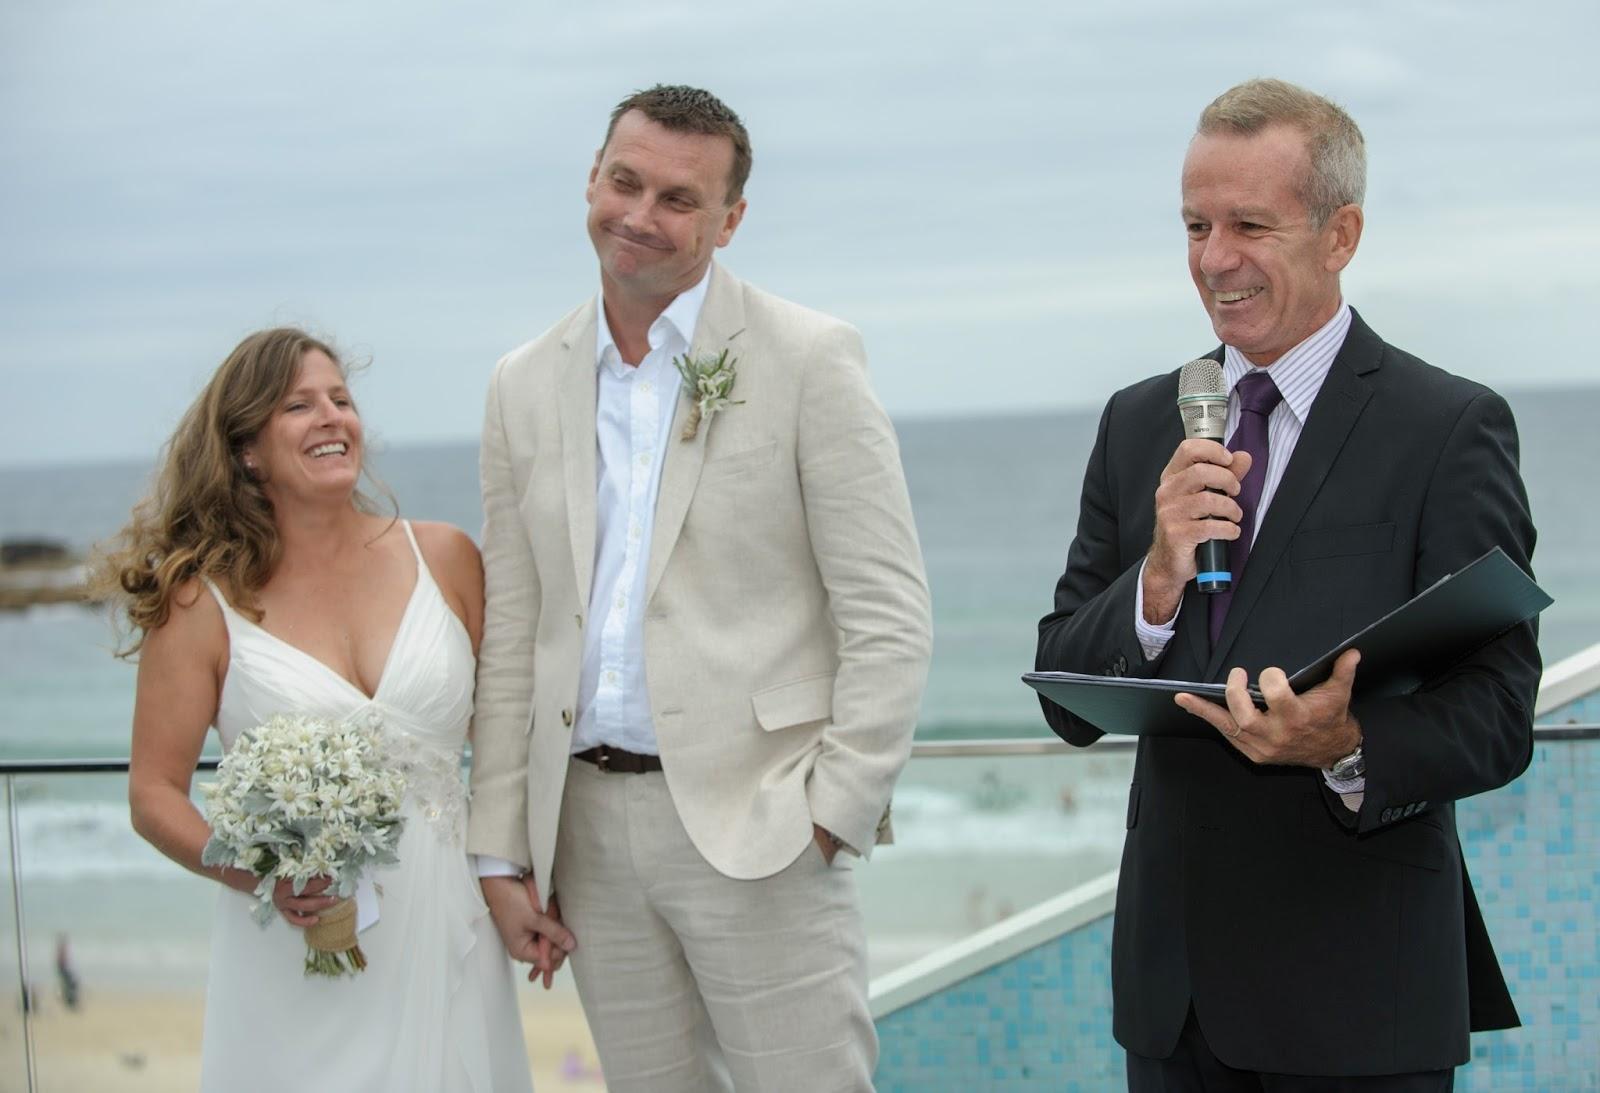 Gary Mooney Celebrant Blog: Bondi Beach Wedding Ceremony - Gary ...